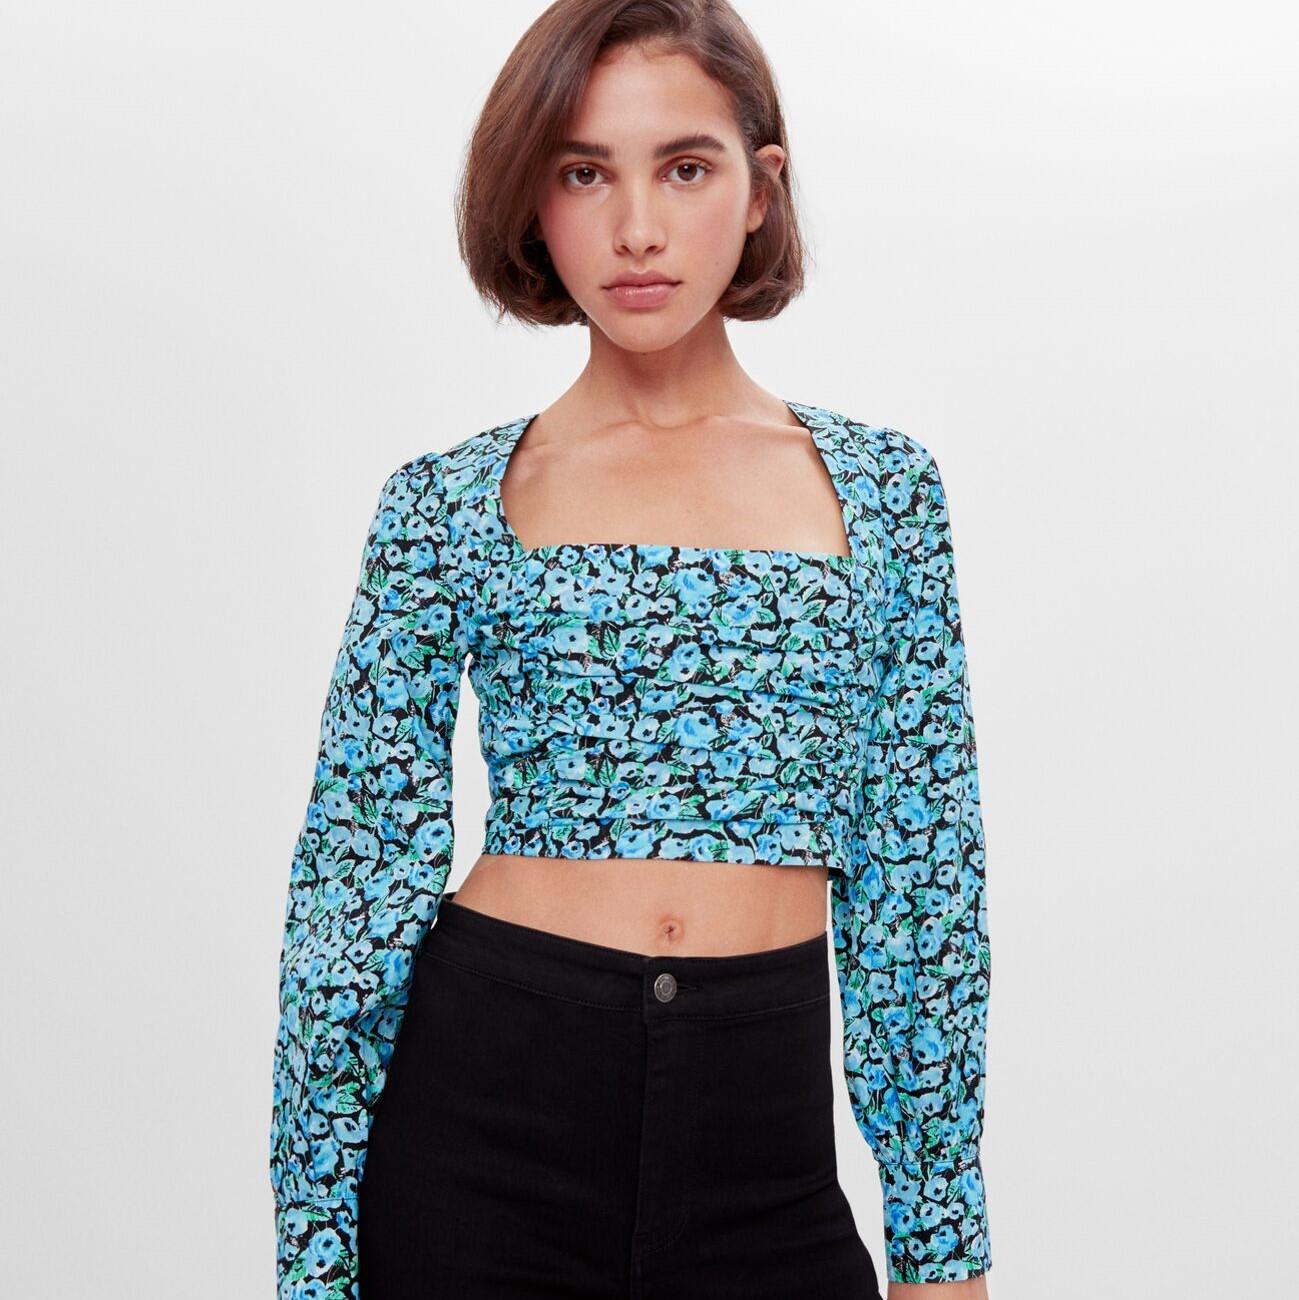 Blusas preciosas por 1,99 (3 modelos)